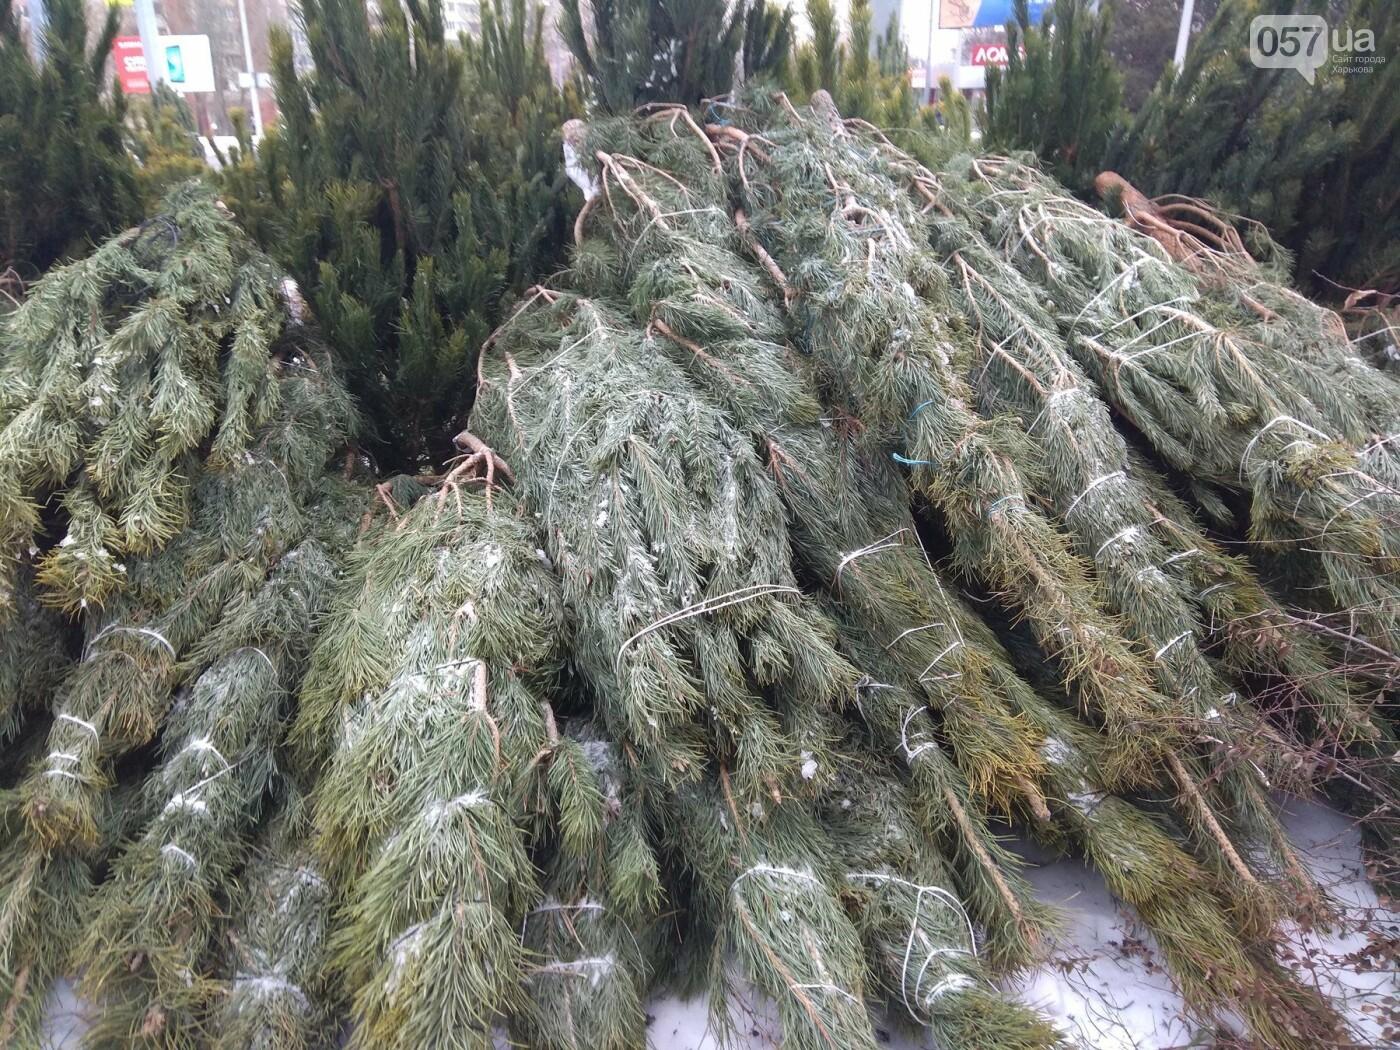 Новогодние елки в Харькове. Где и за сколько можно купить, - ФОТО, фото-19